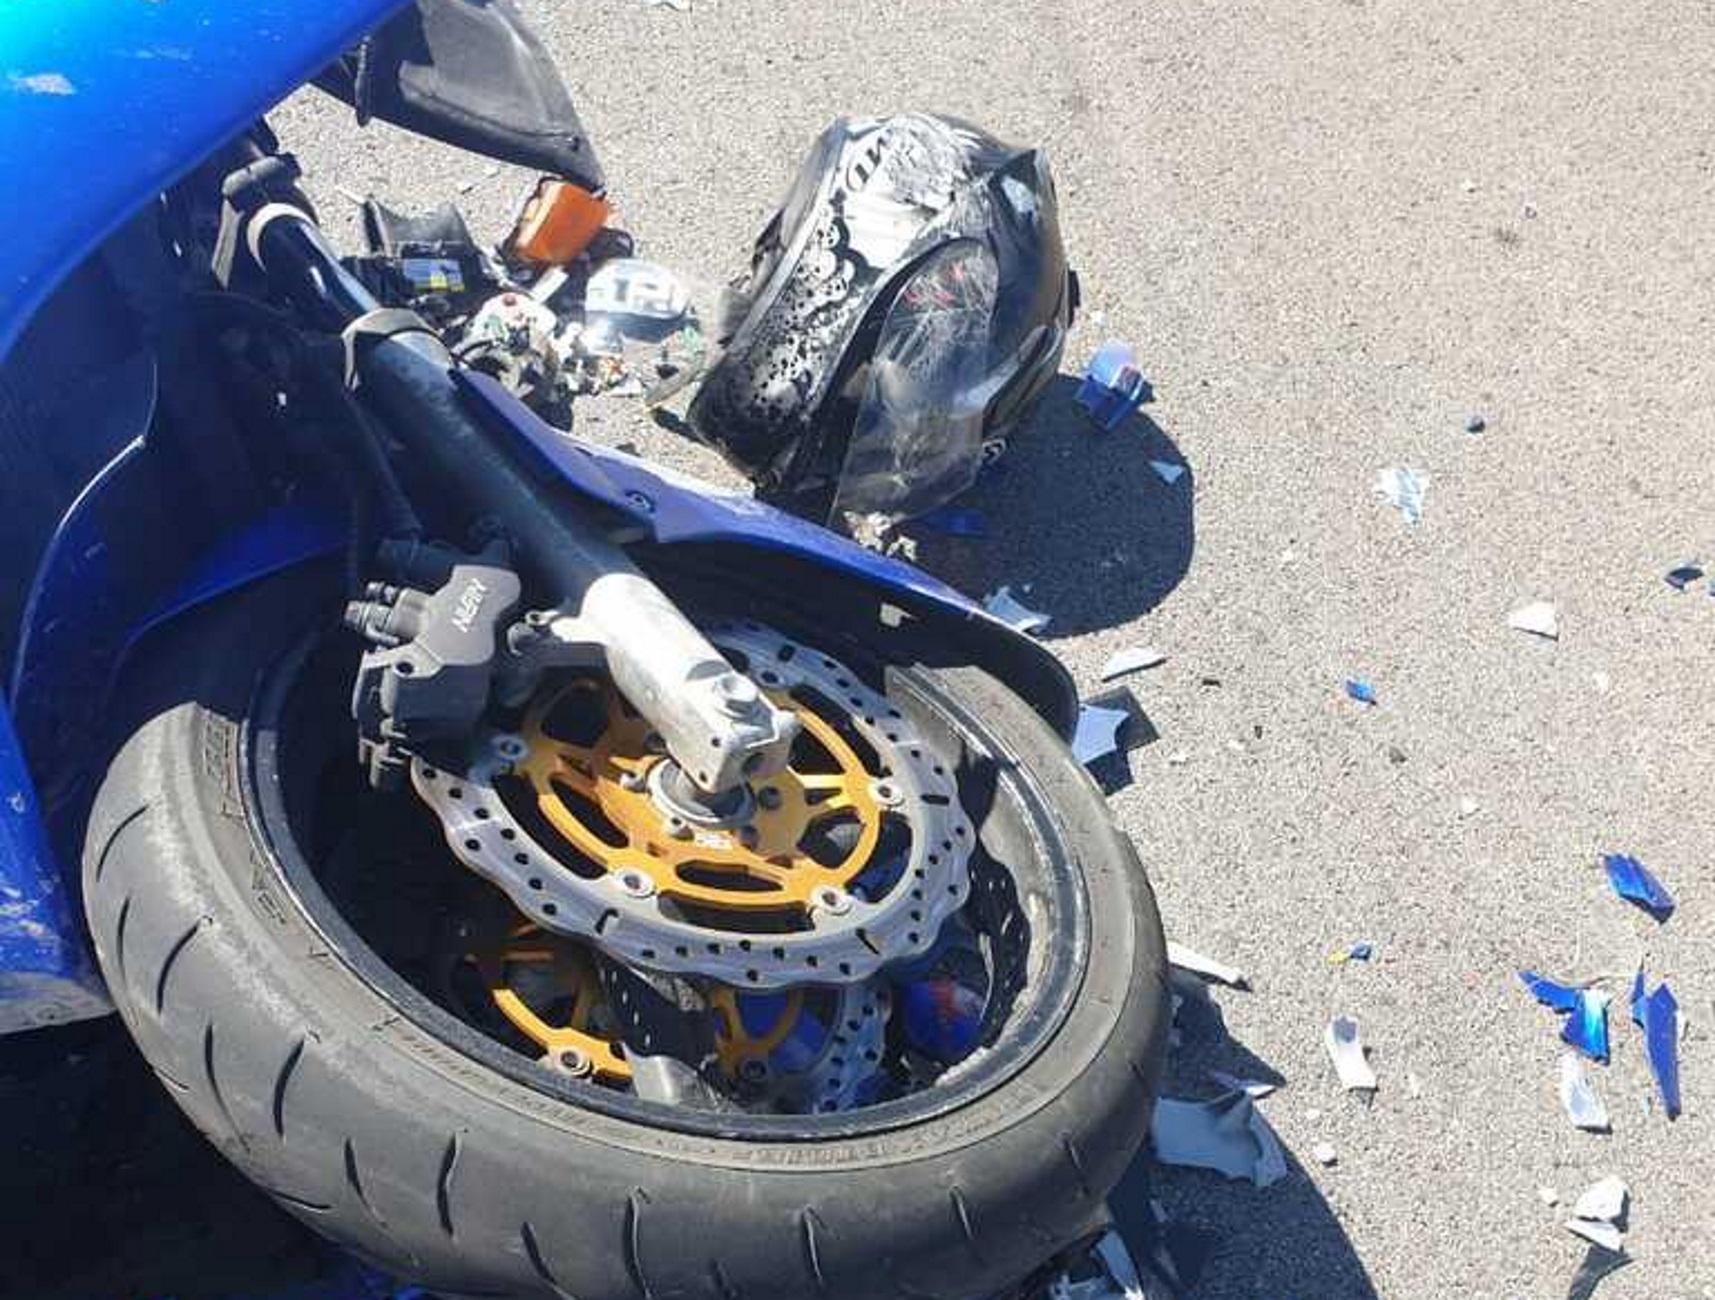 Έβρος: Σκοτώθηκε ζευγάρι σε φοβερό τροχαίο! Η μηχανή τους καρφώθηκε και διαλύθηκε σε φορτηγό (Φωτό)